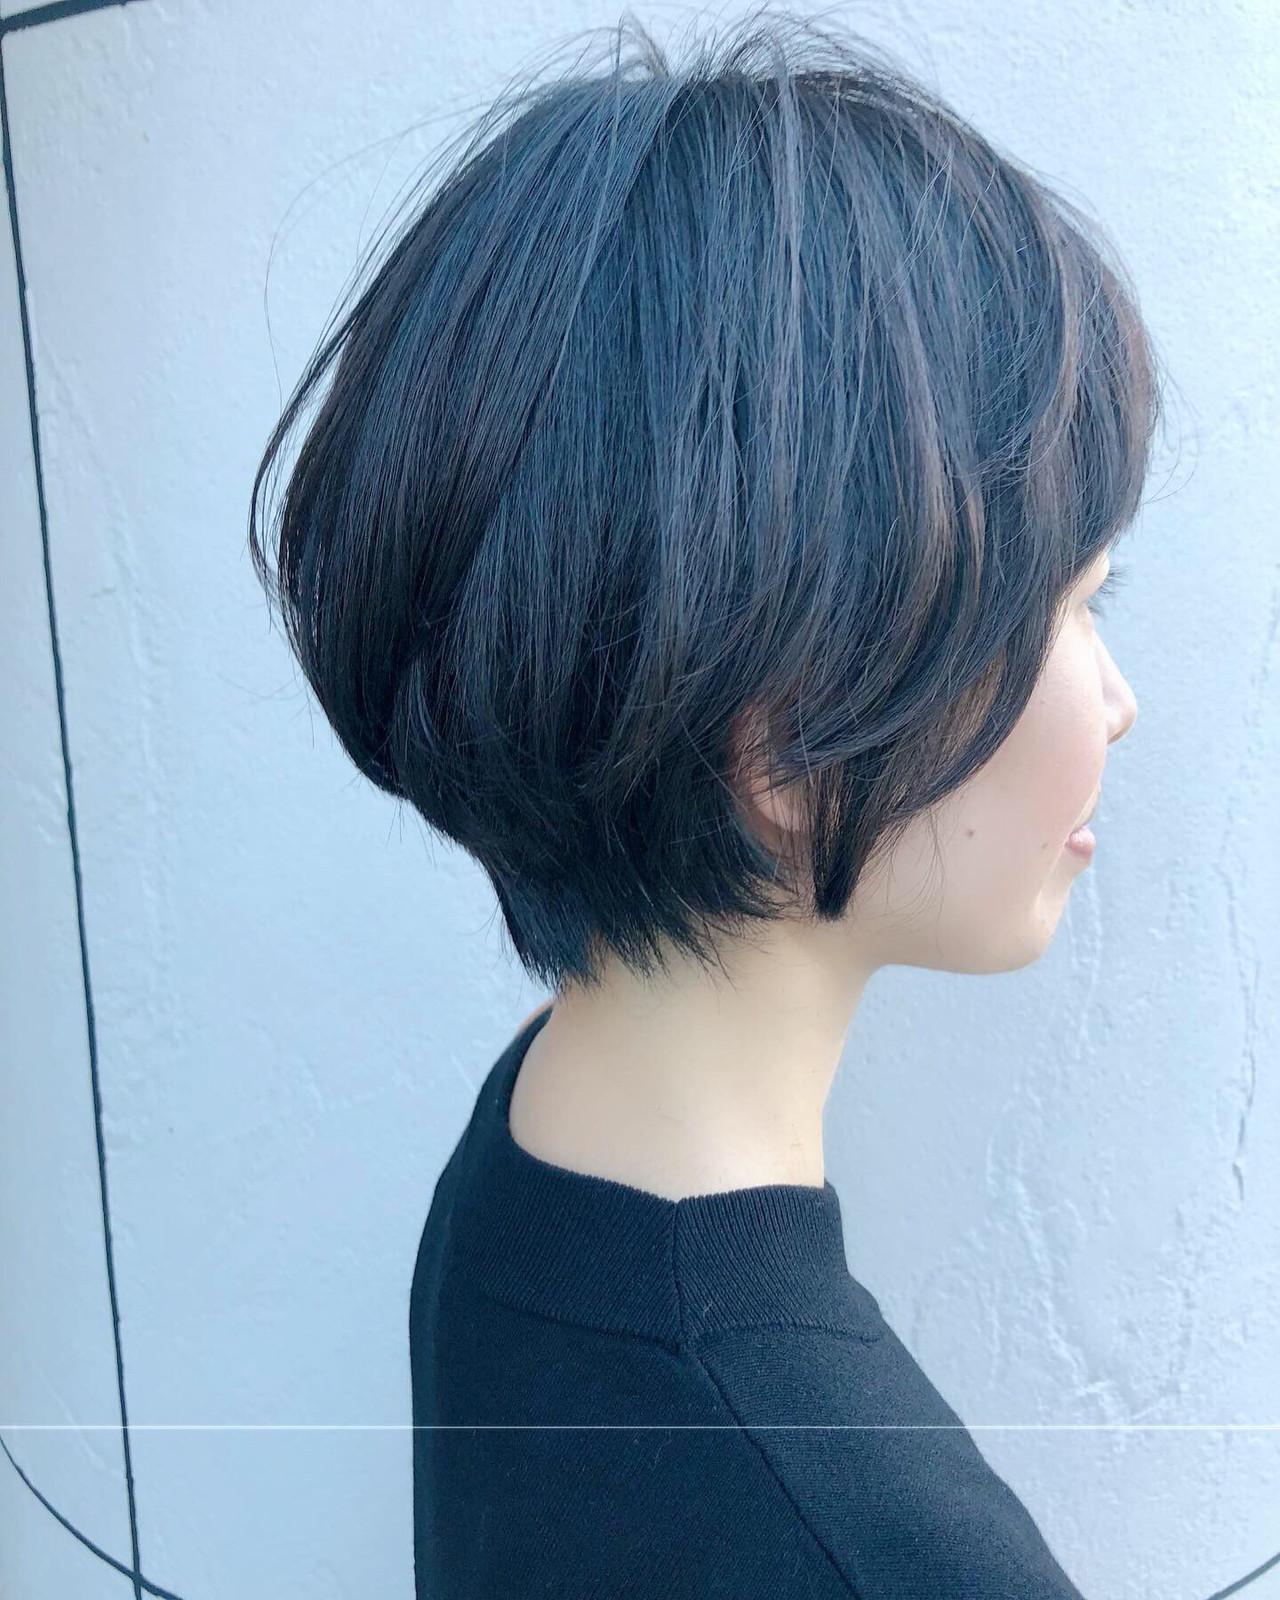 小顔ヘア パーマ ショートボブ ナチュラル ヘアスタイルや髪型の写真・画像